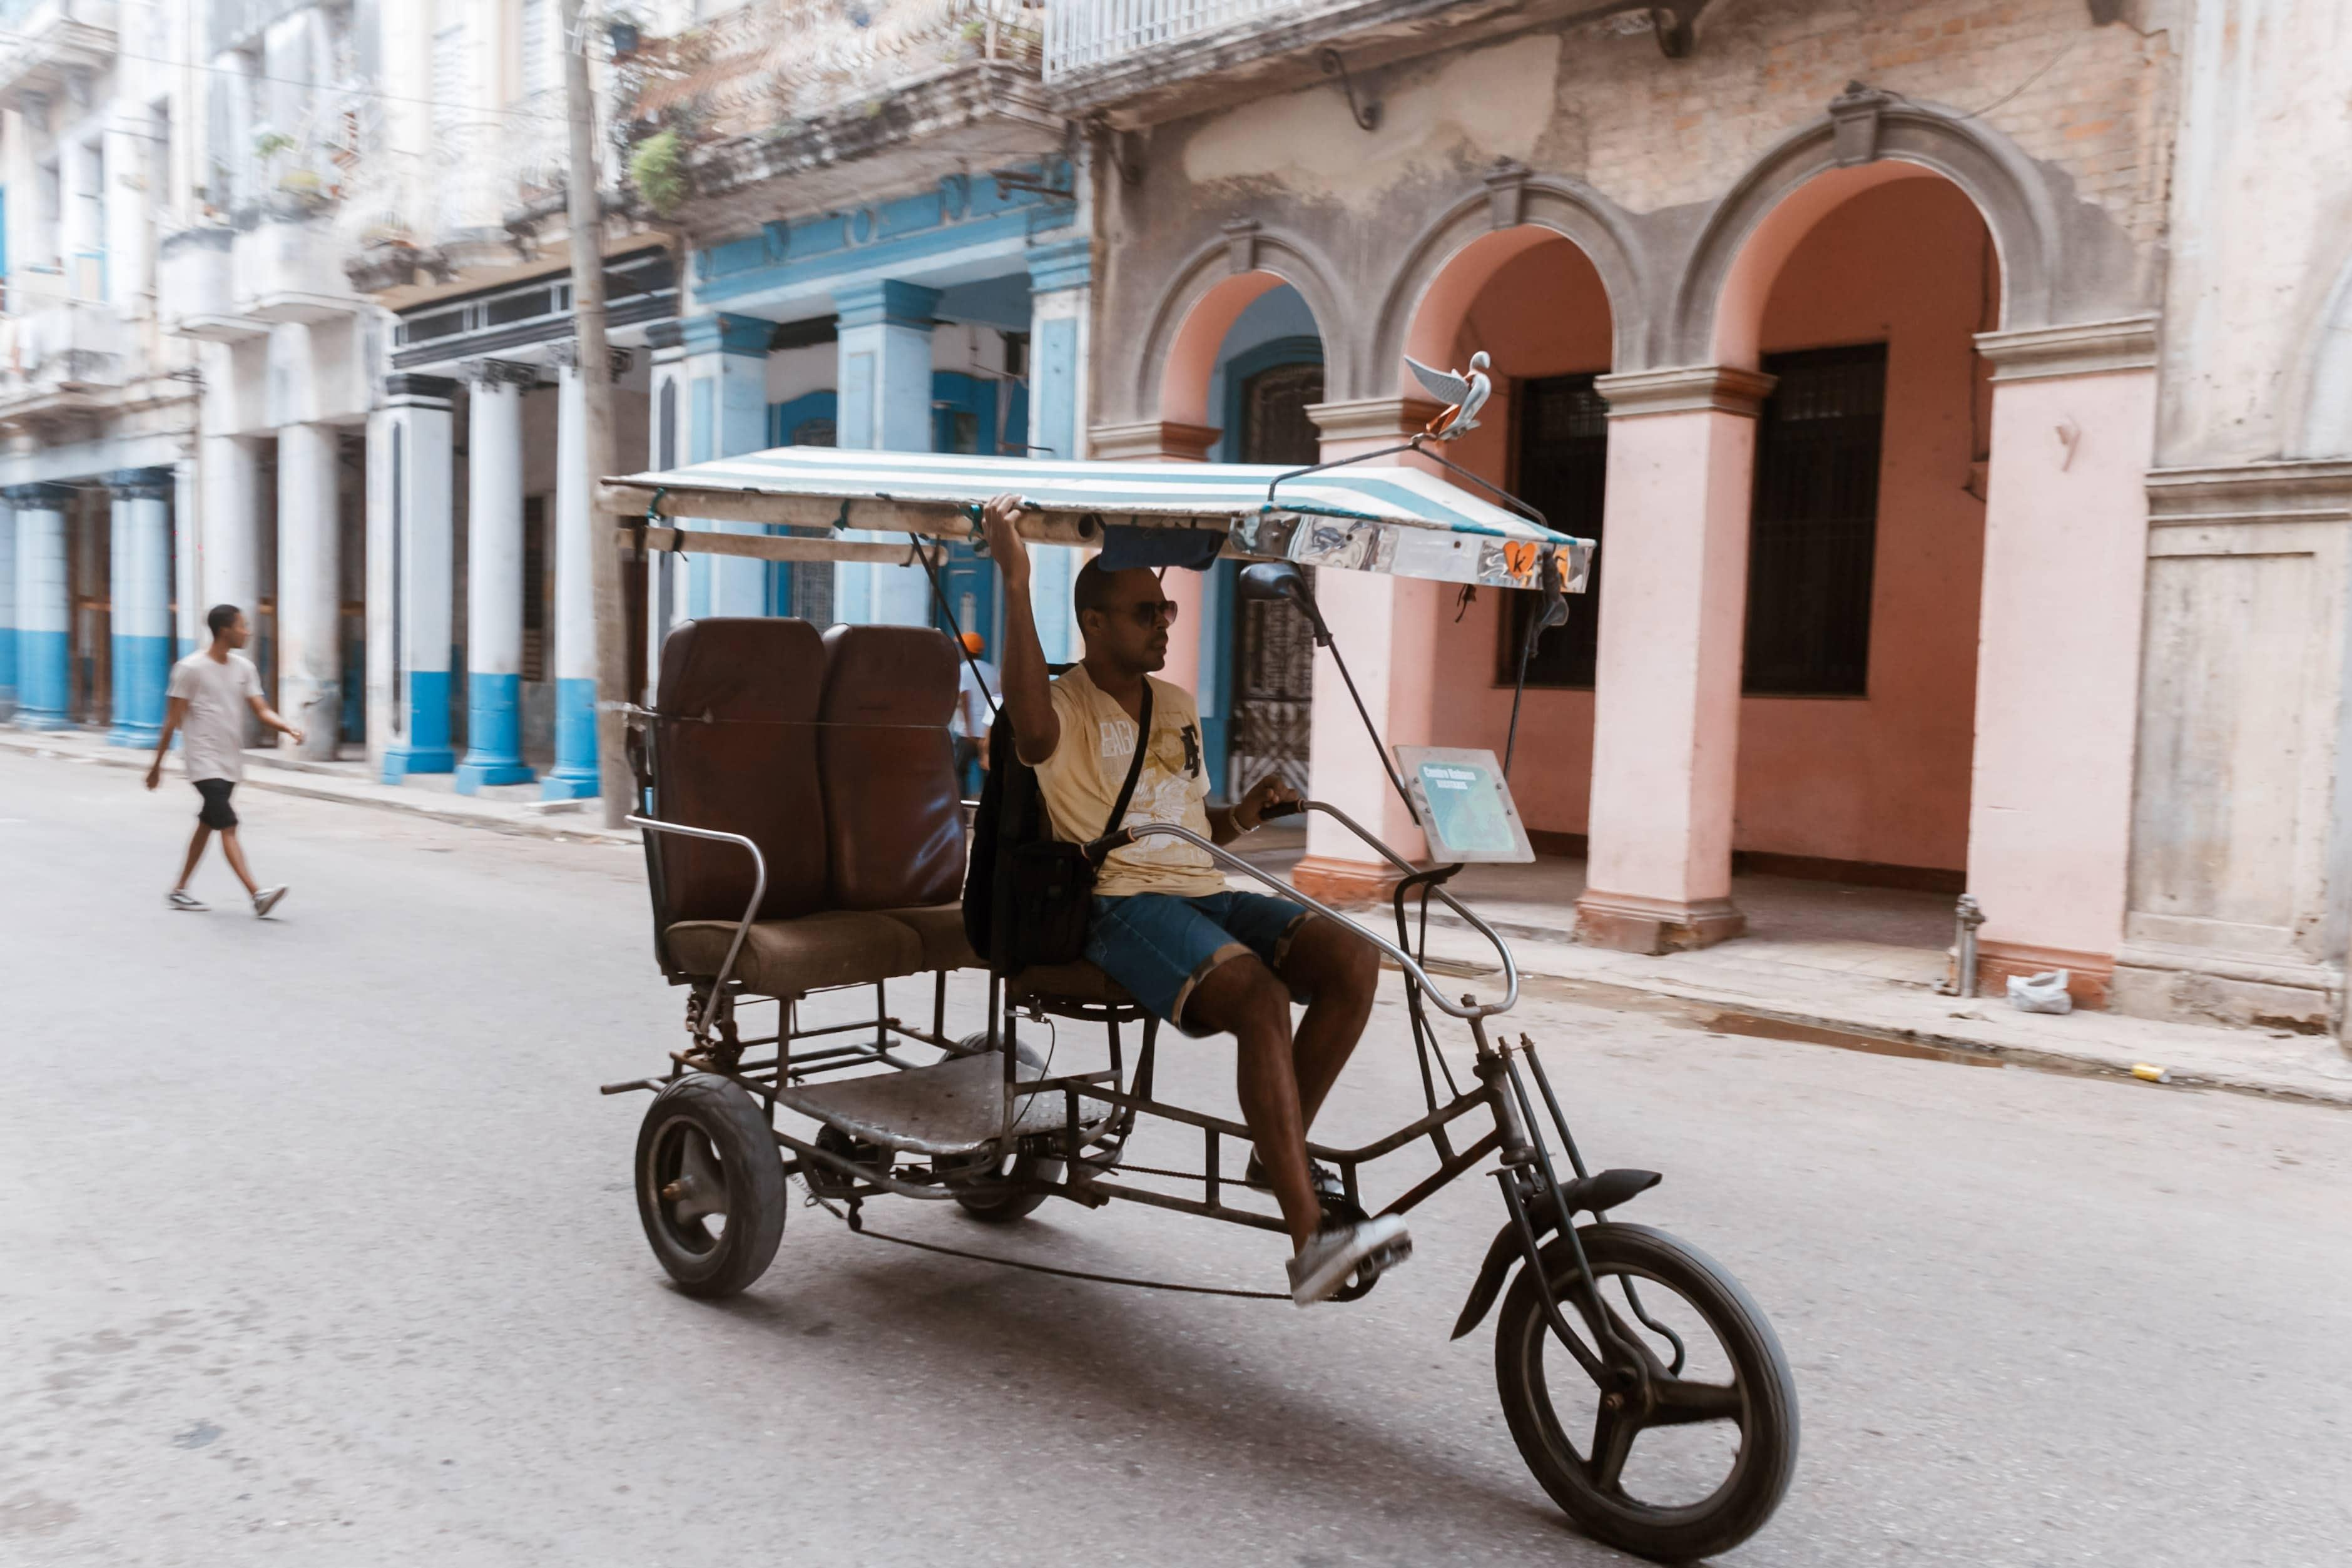 Ein Bici-Taxi fährt durch die Stadt in Havanna